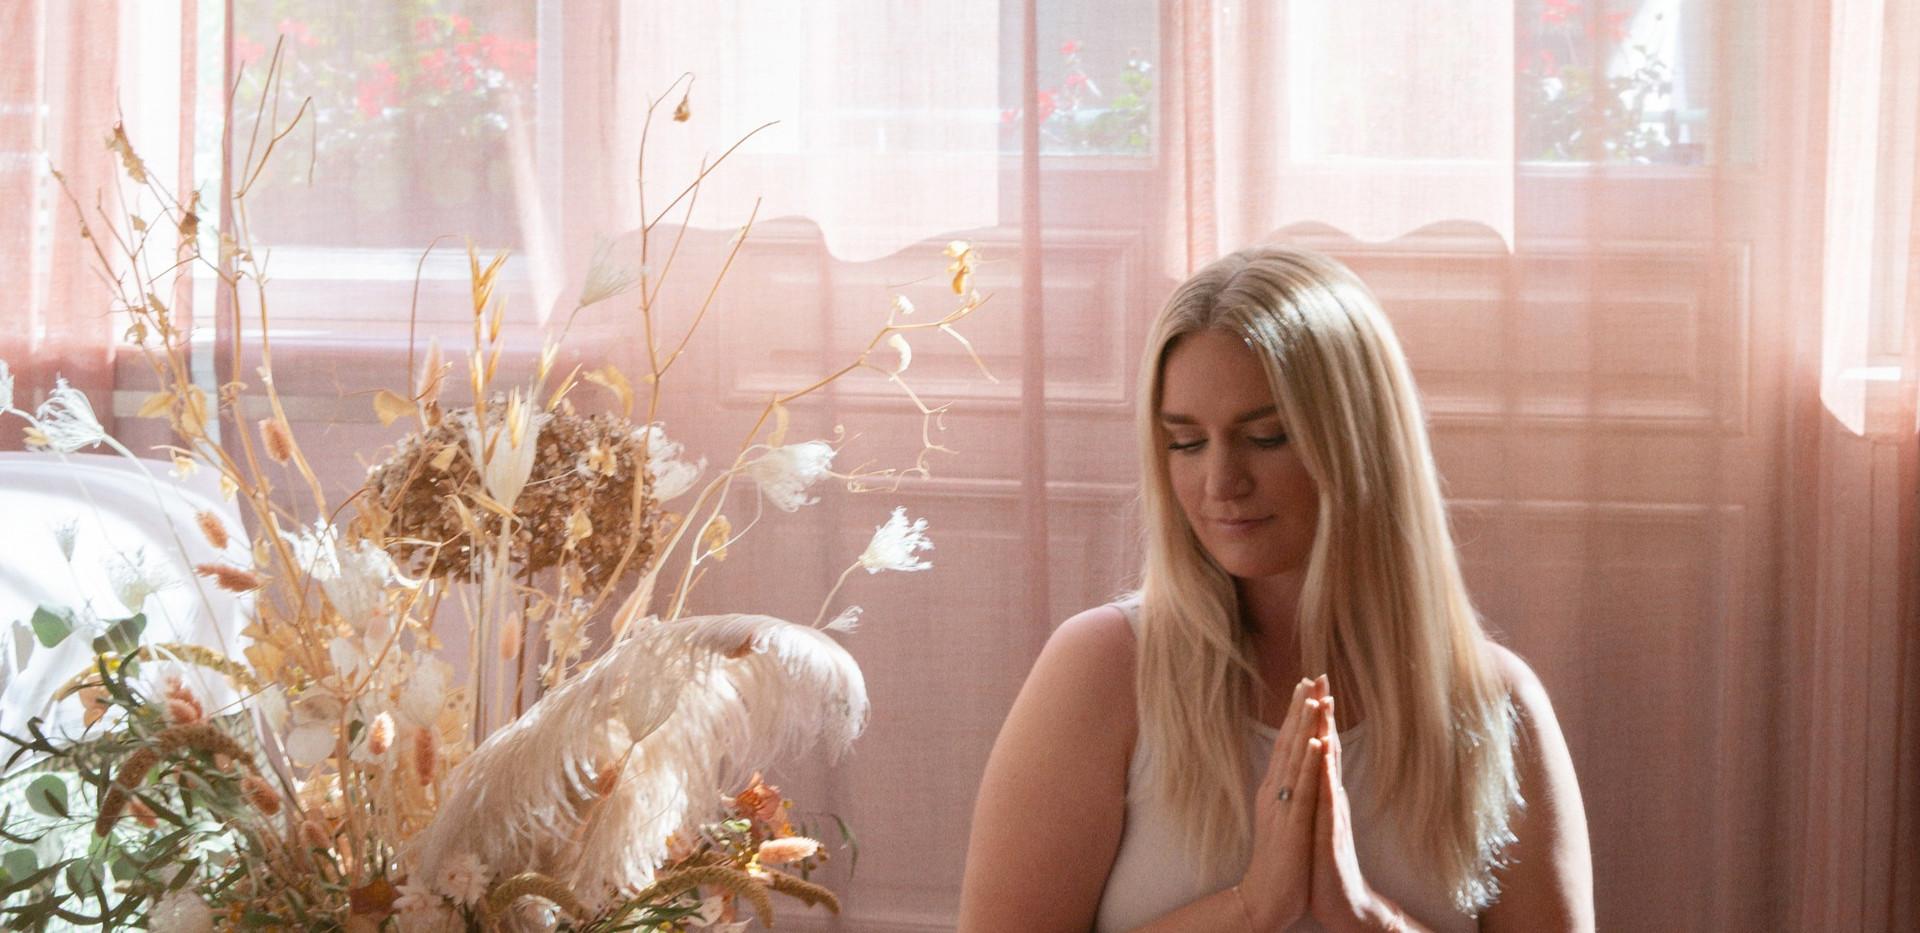 Yoga of Hope Lisa Wingårdh